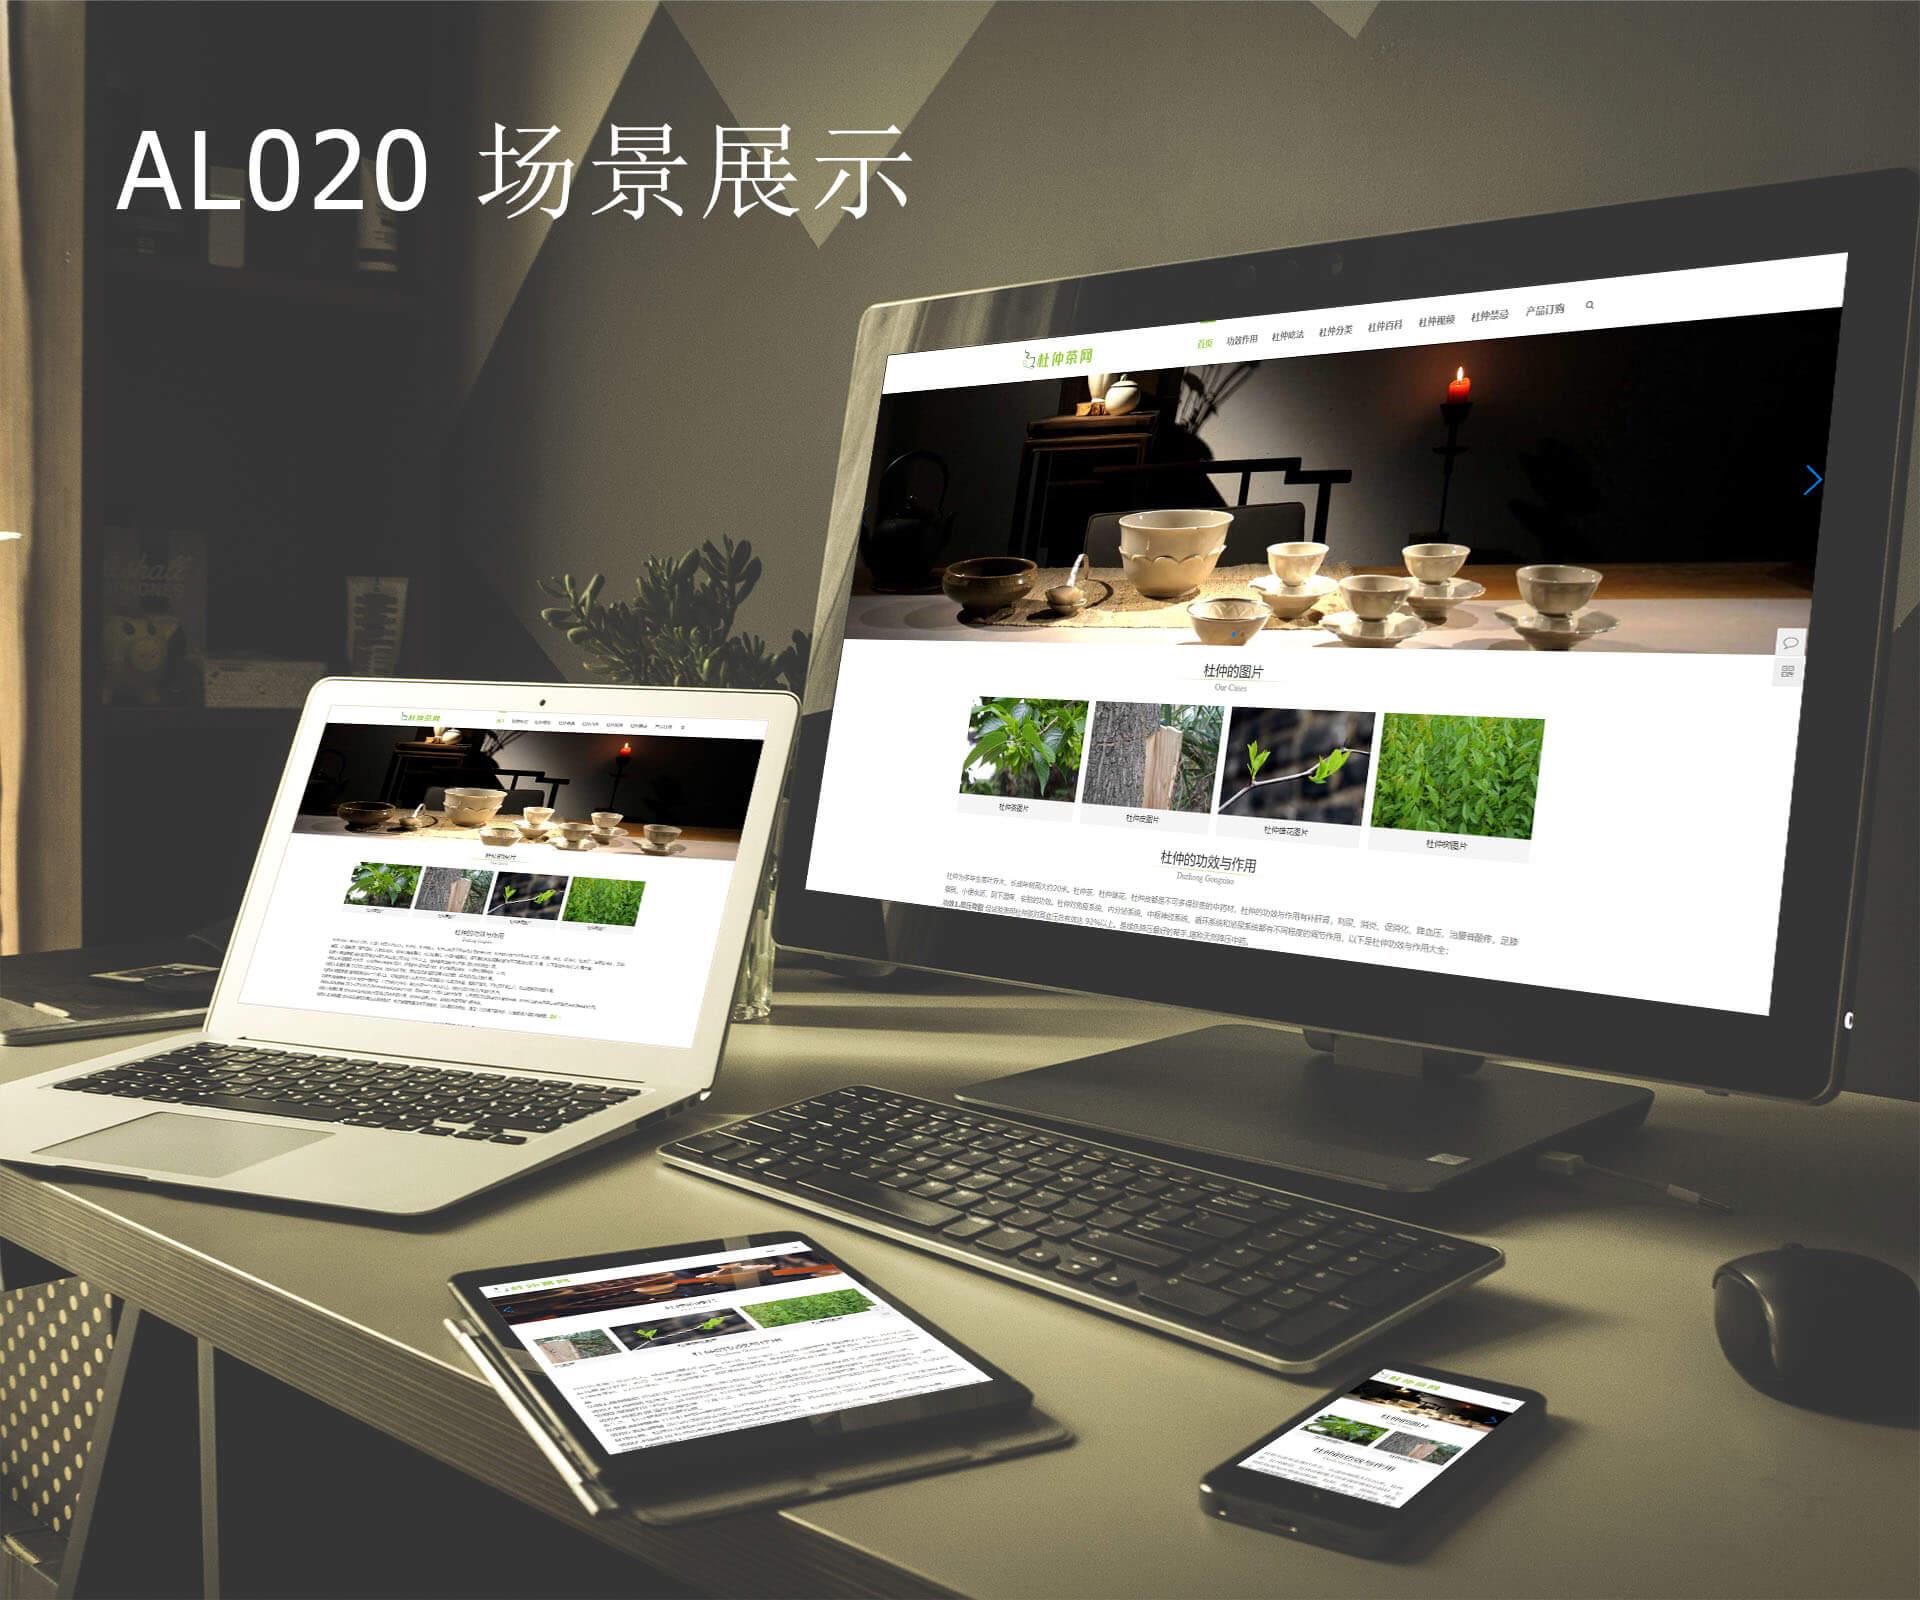 杜仲茶网响应式网站案例 精选案例